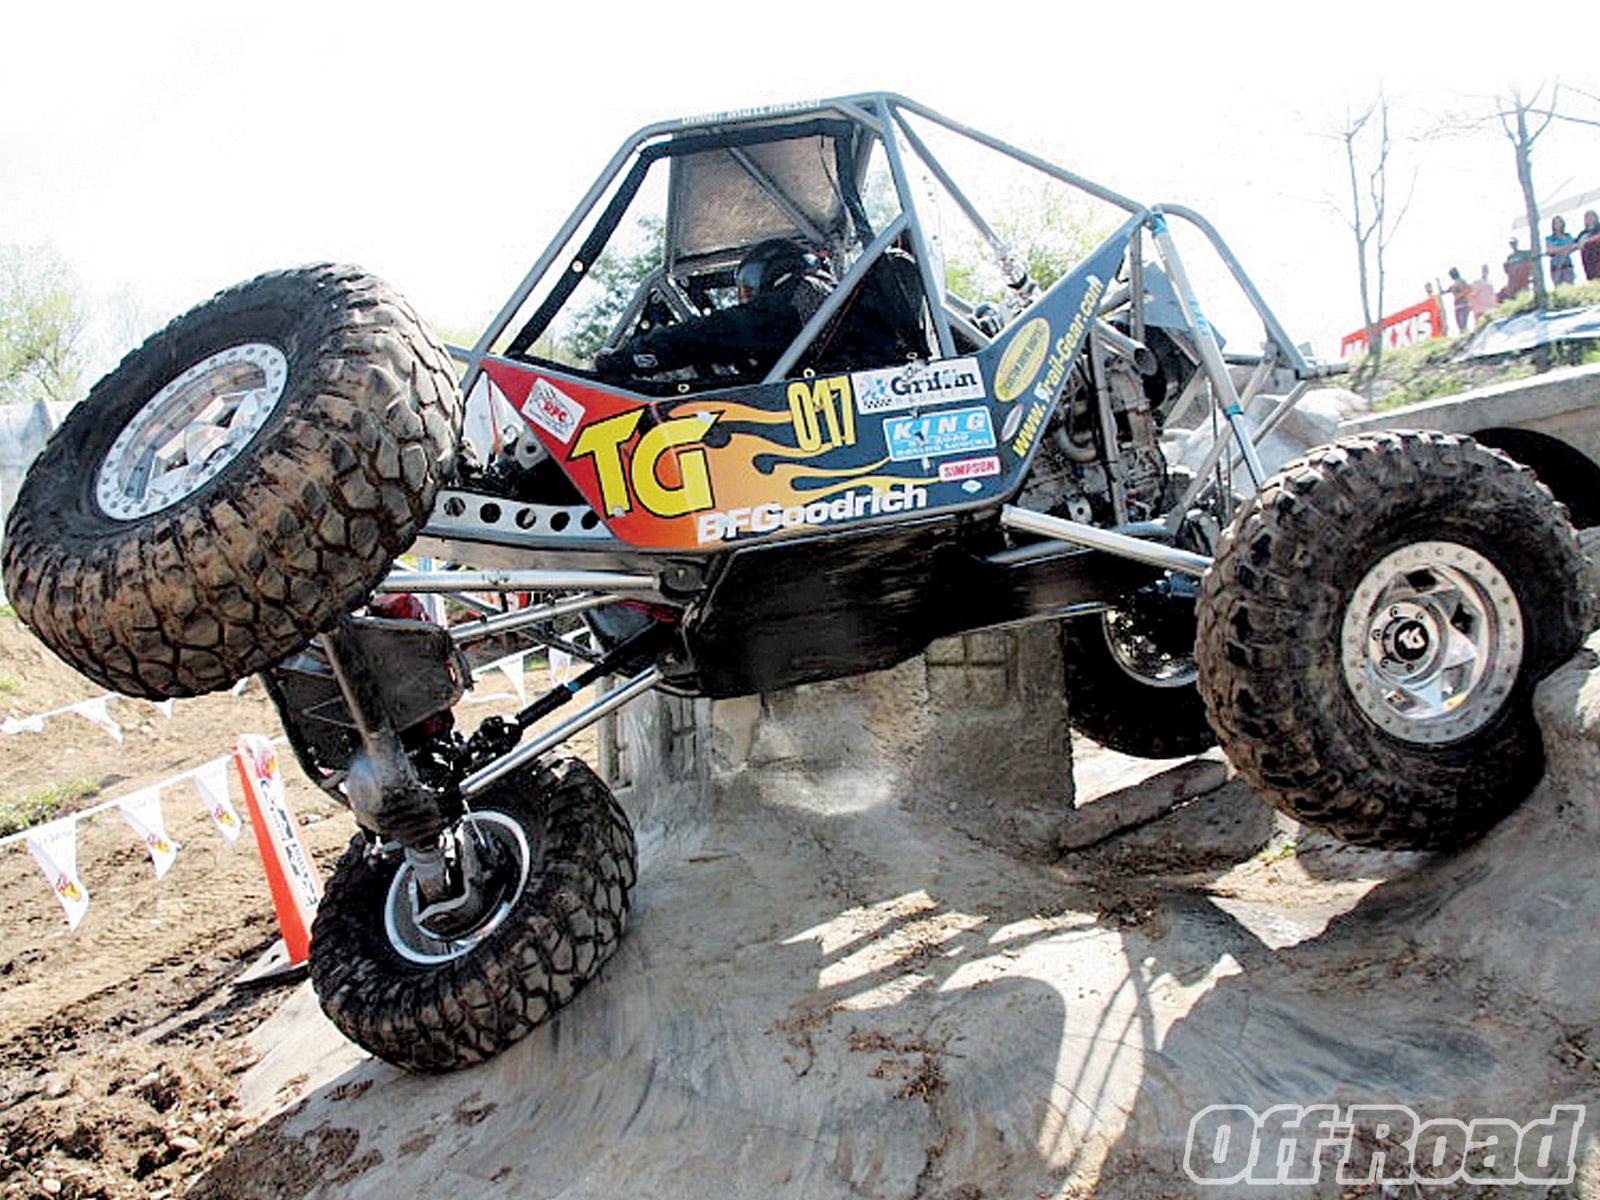 Rock Crawler 4x4 Offroad Race Racing Race Racing Crawler